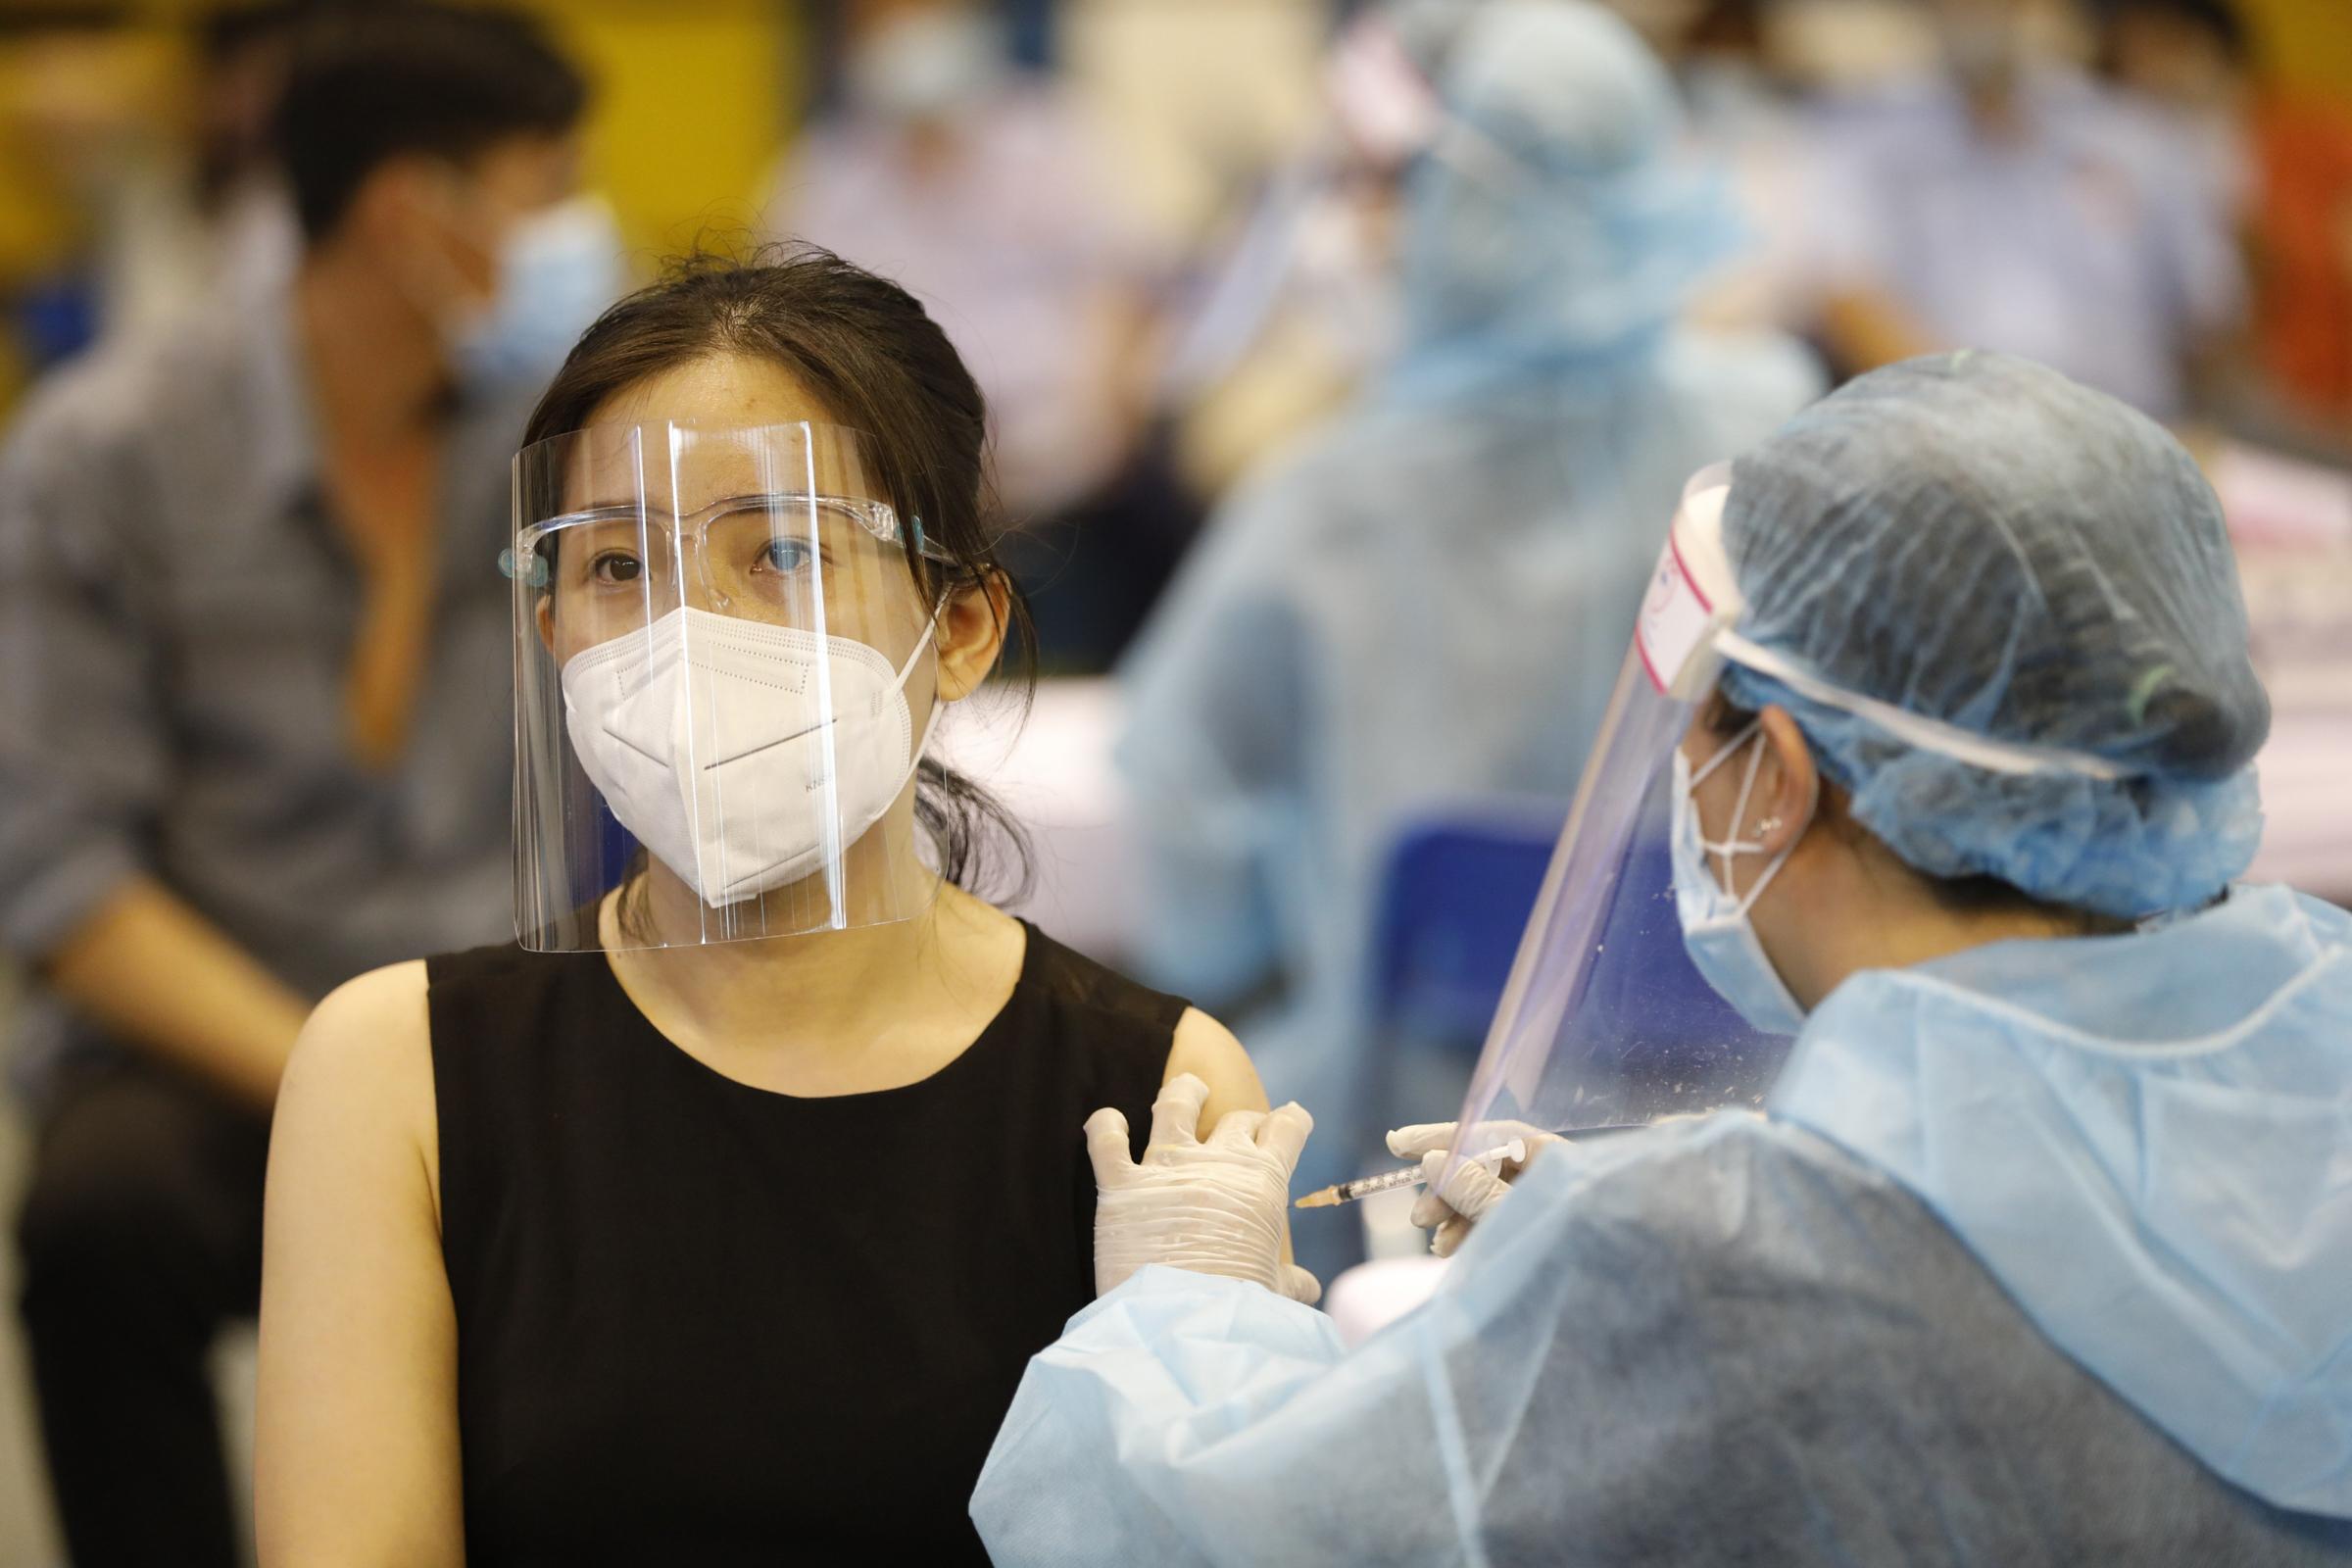 Người dân tiêm vaccie tại nhà thi đấu Phú Thọ, TP HCM, ngày 24/6. Ảnh: Hữu Khoa